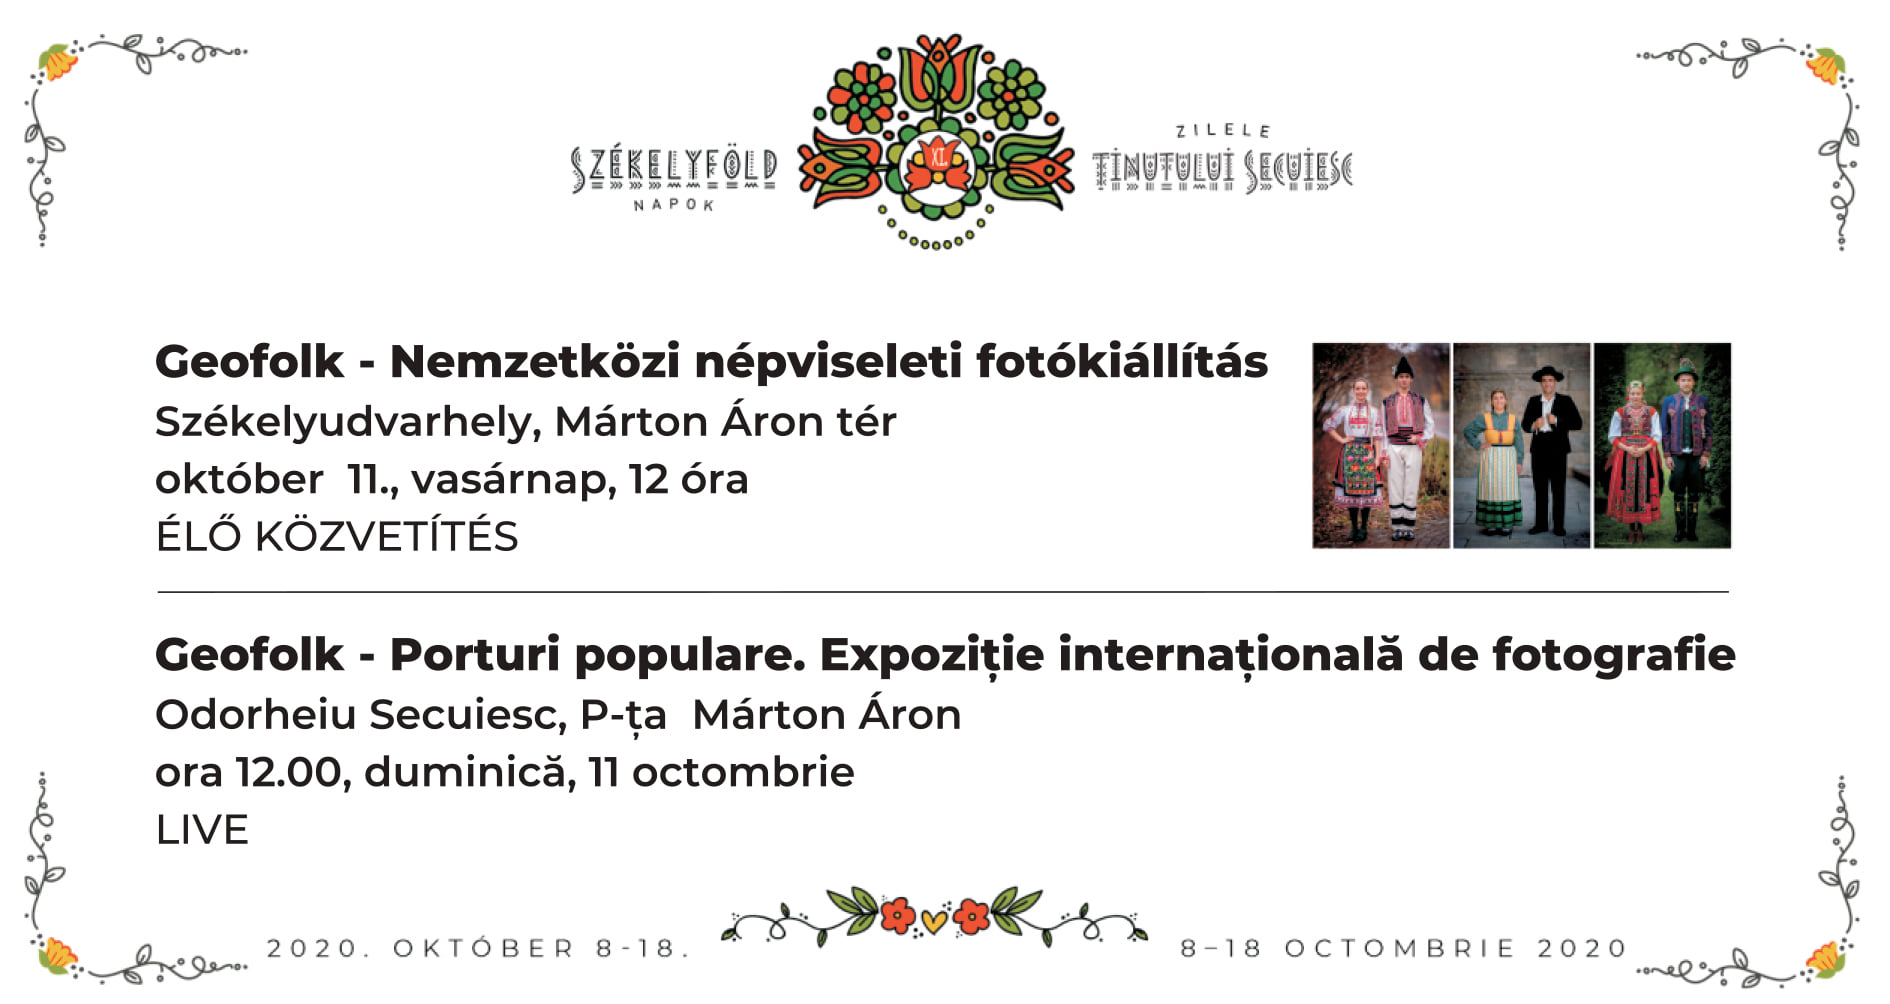 Expoziție internațională fotografică cu porturi populare